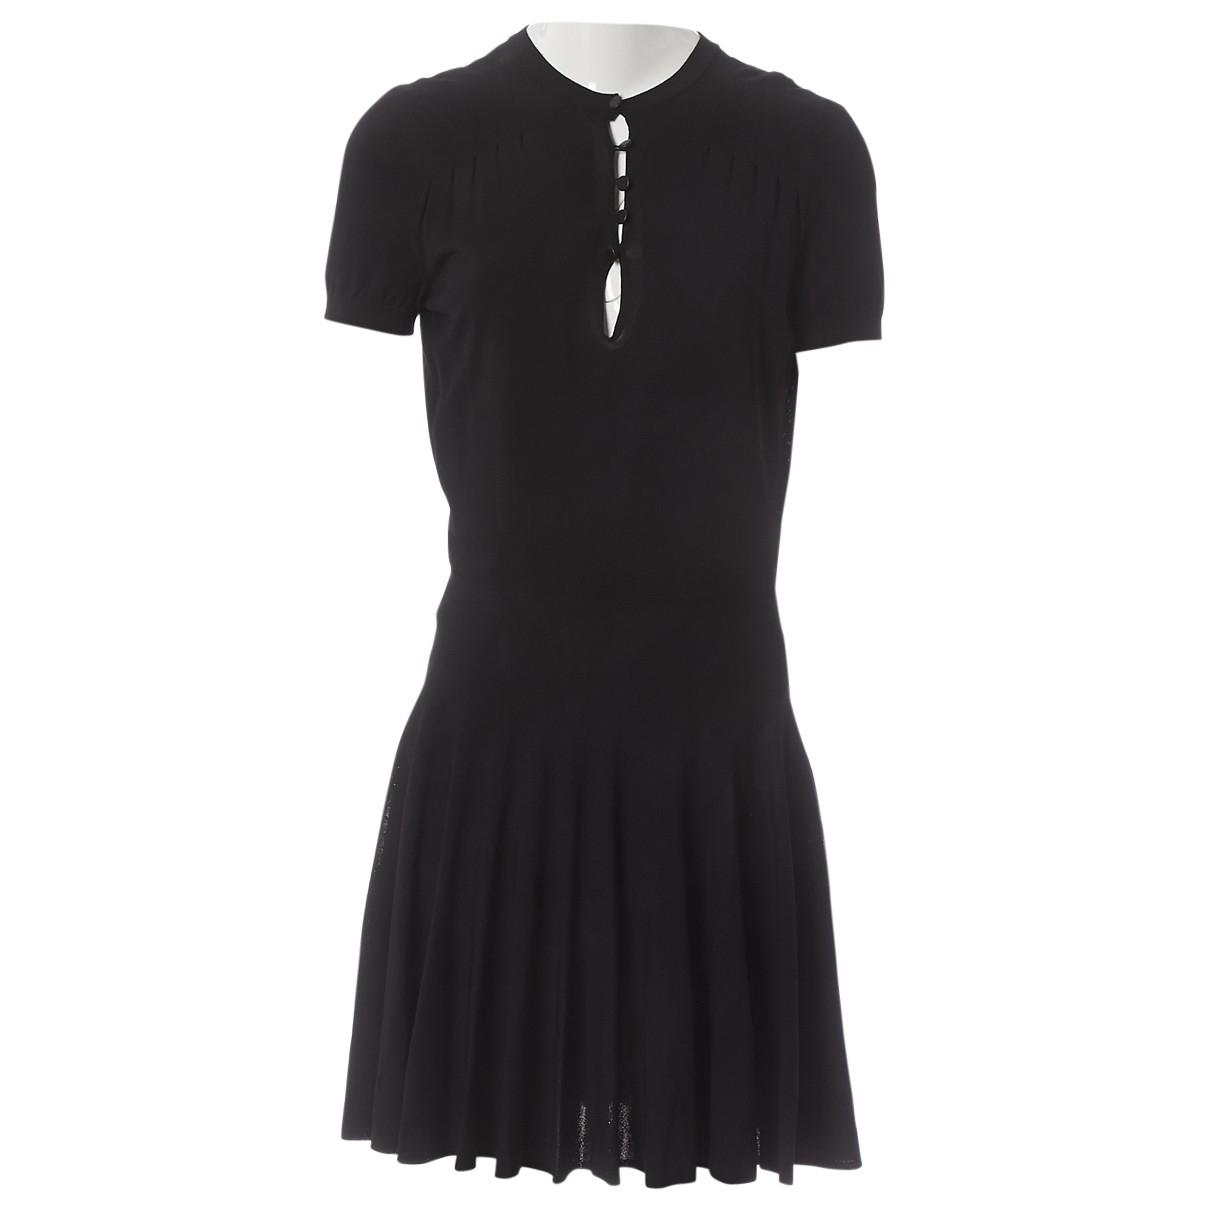 Saint Laurent \N Black dress for Women M International